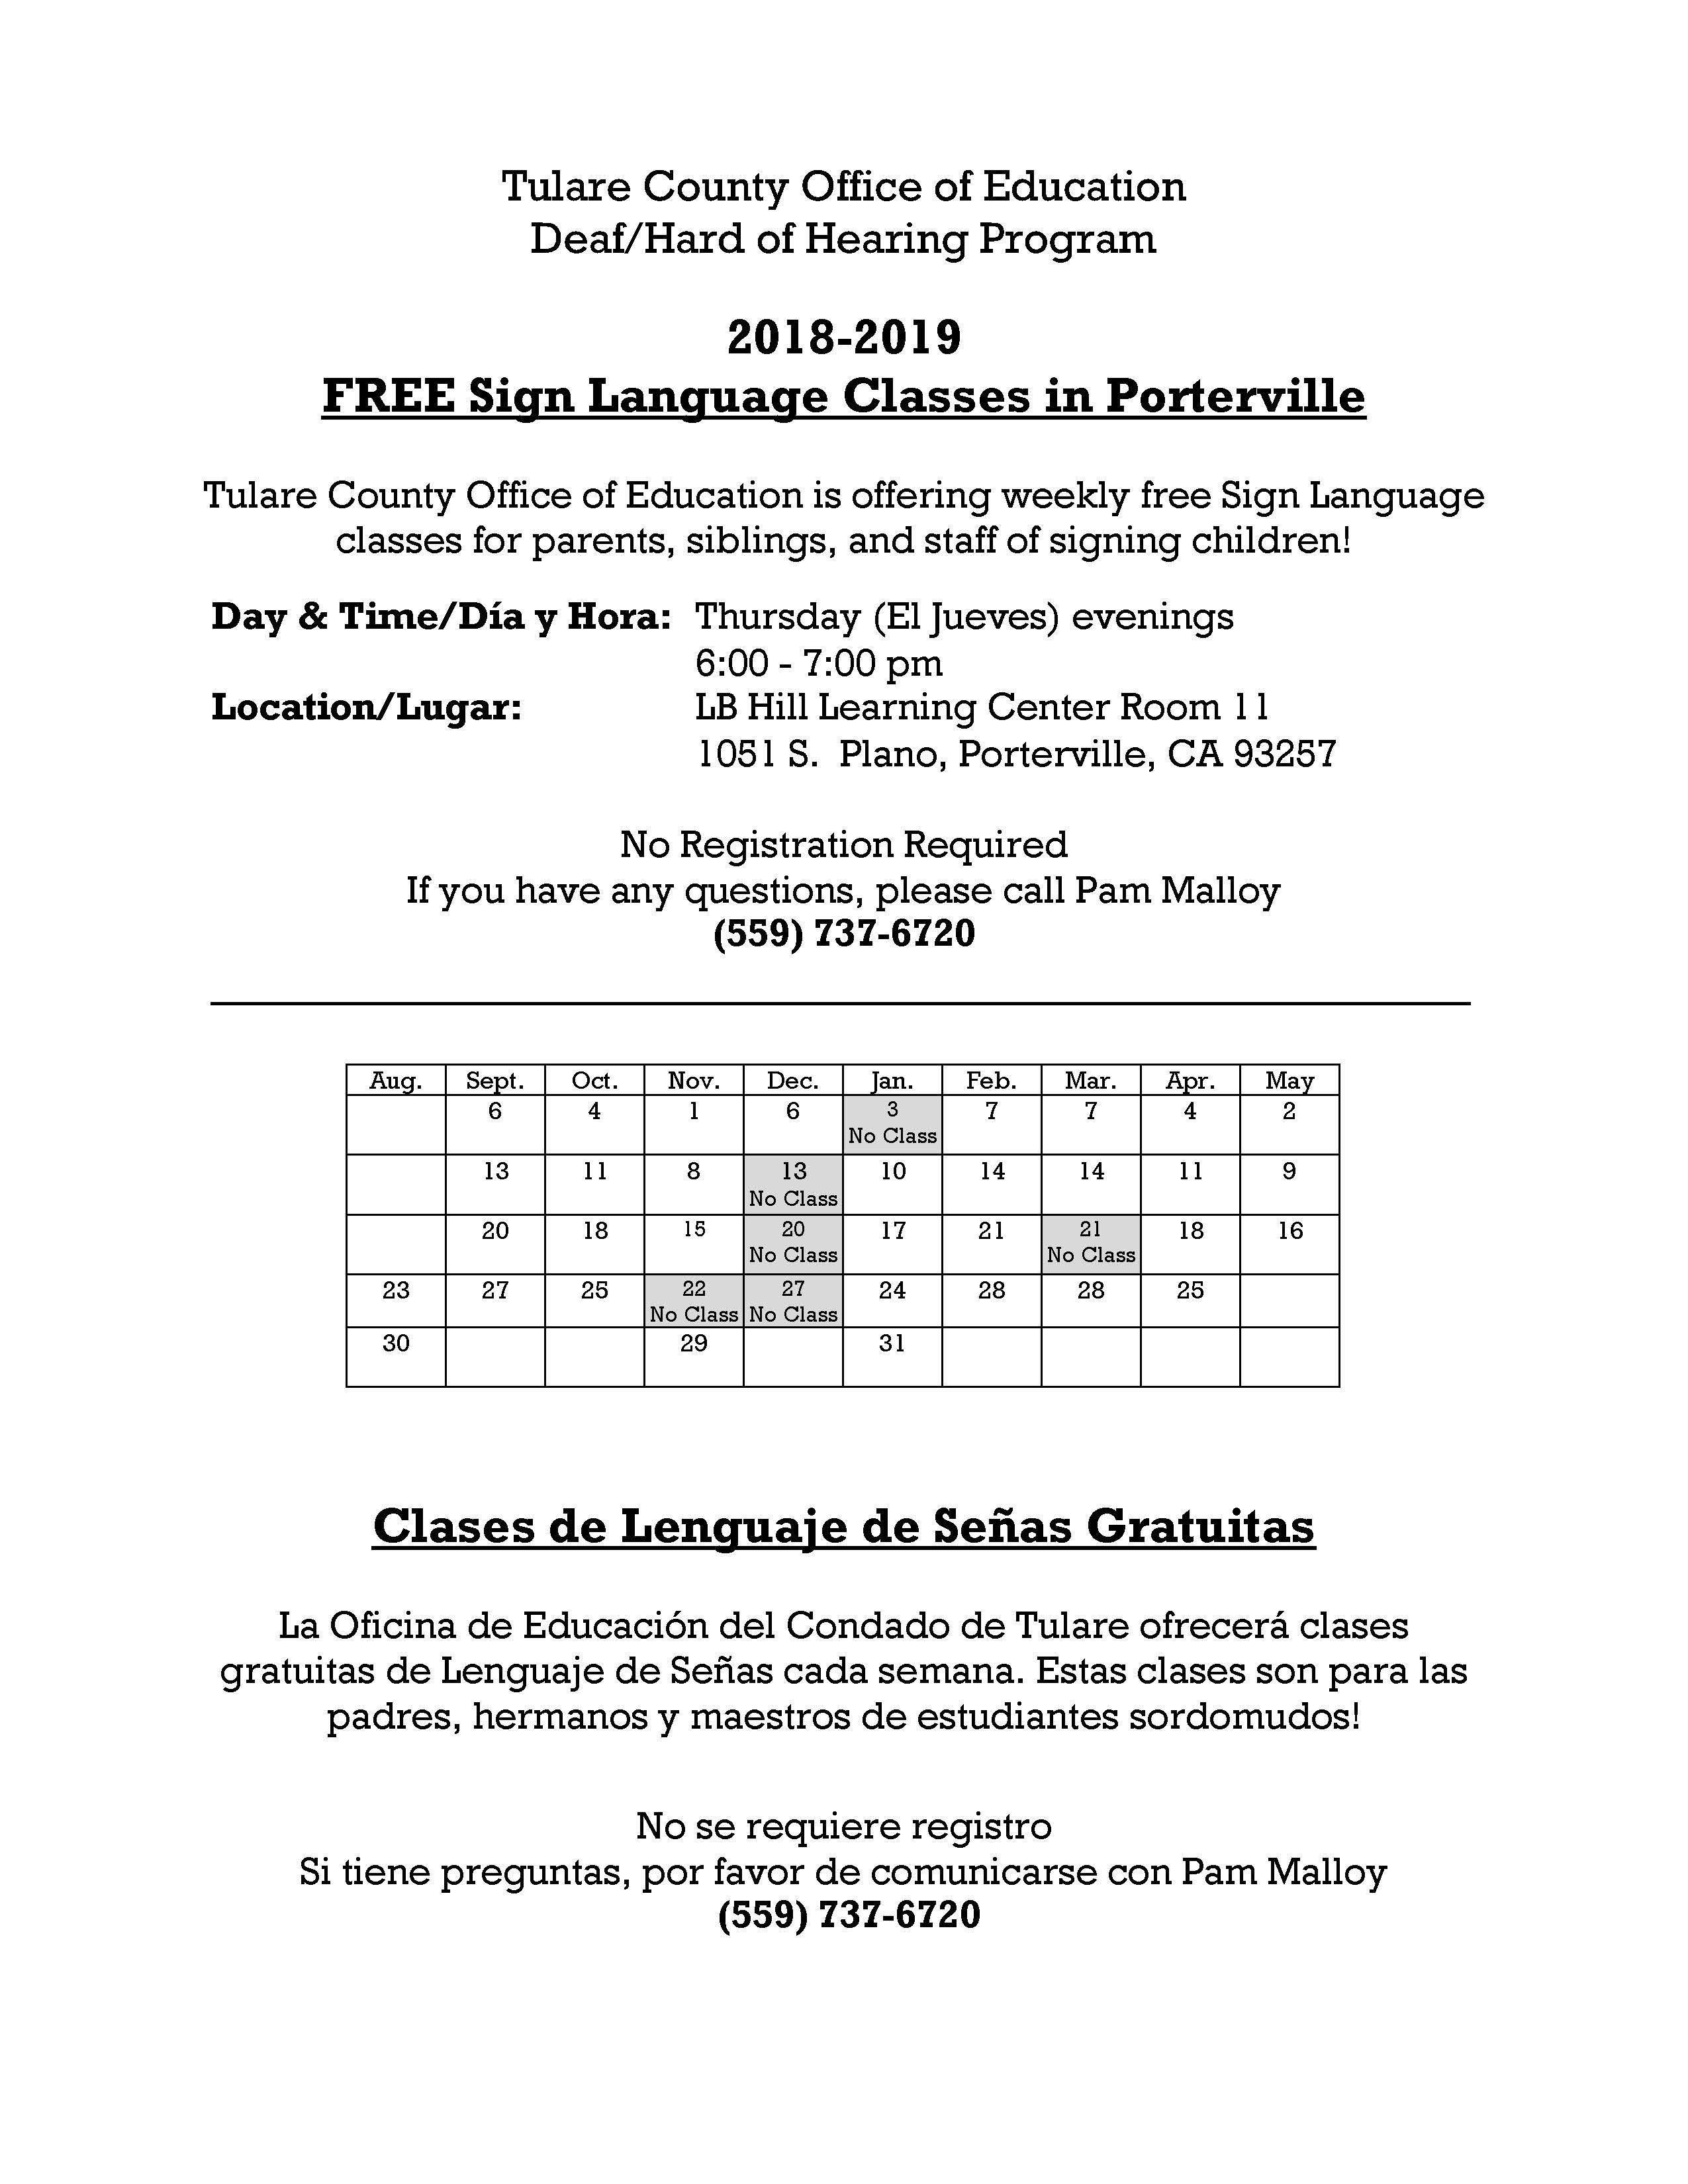 Porterville Sign Language classes